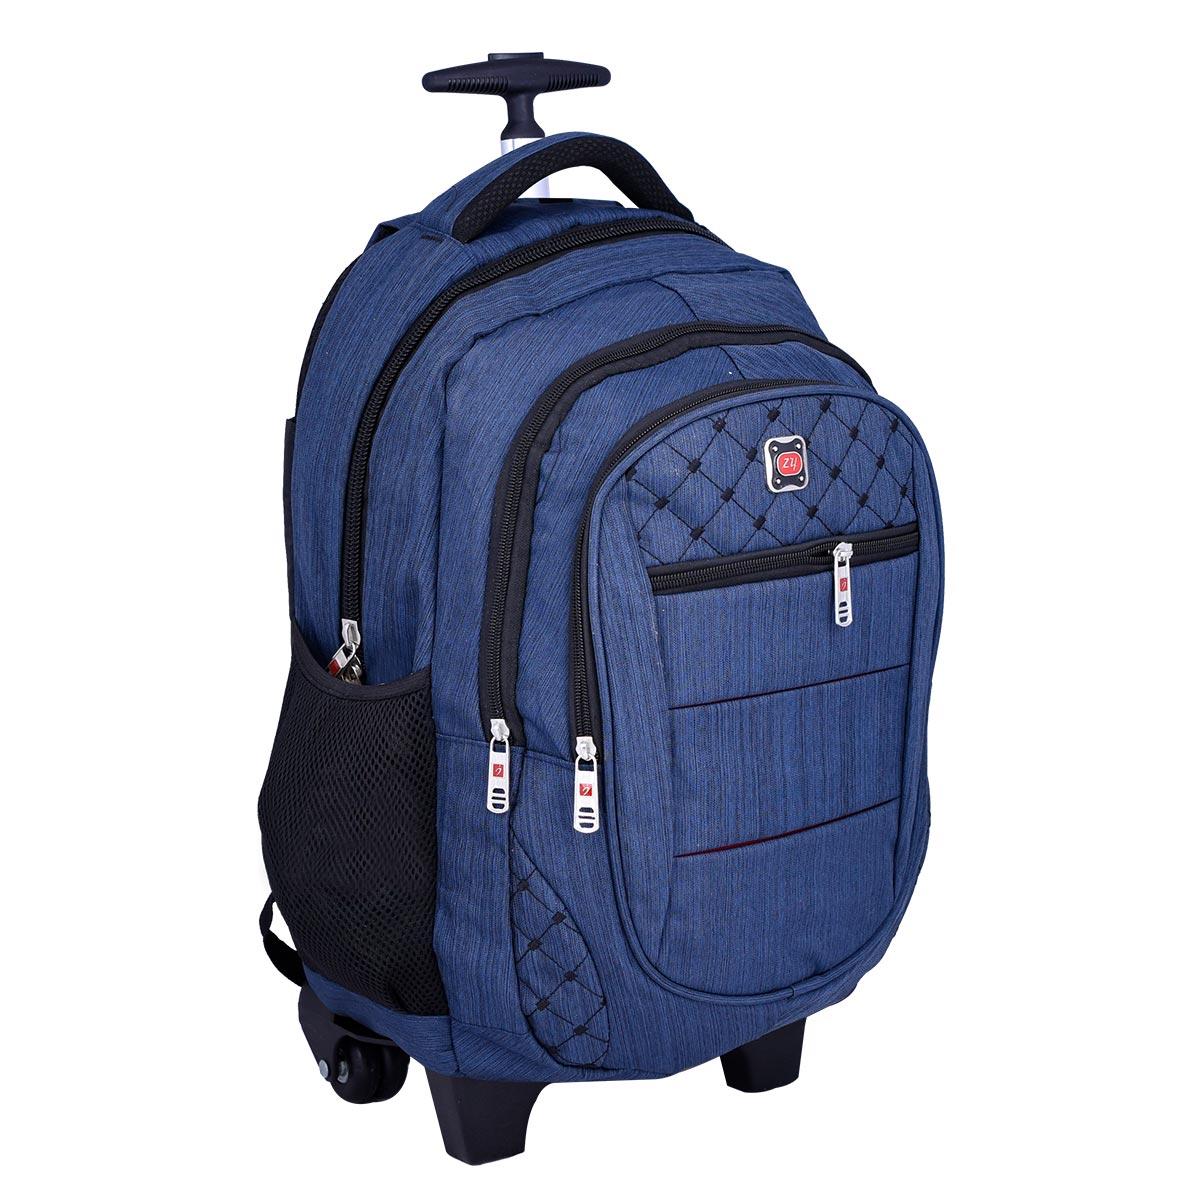 حقيبة ظهر مدرسية , بعجلات , الوان متعددة ,  موديل YM-21510